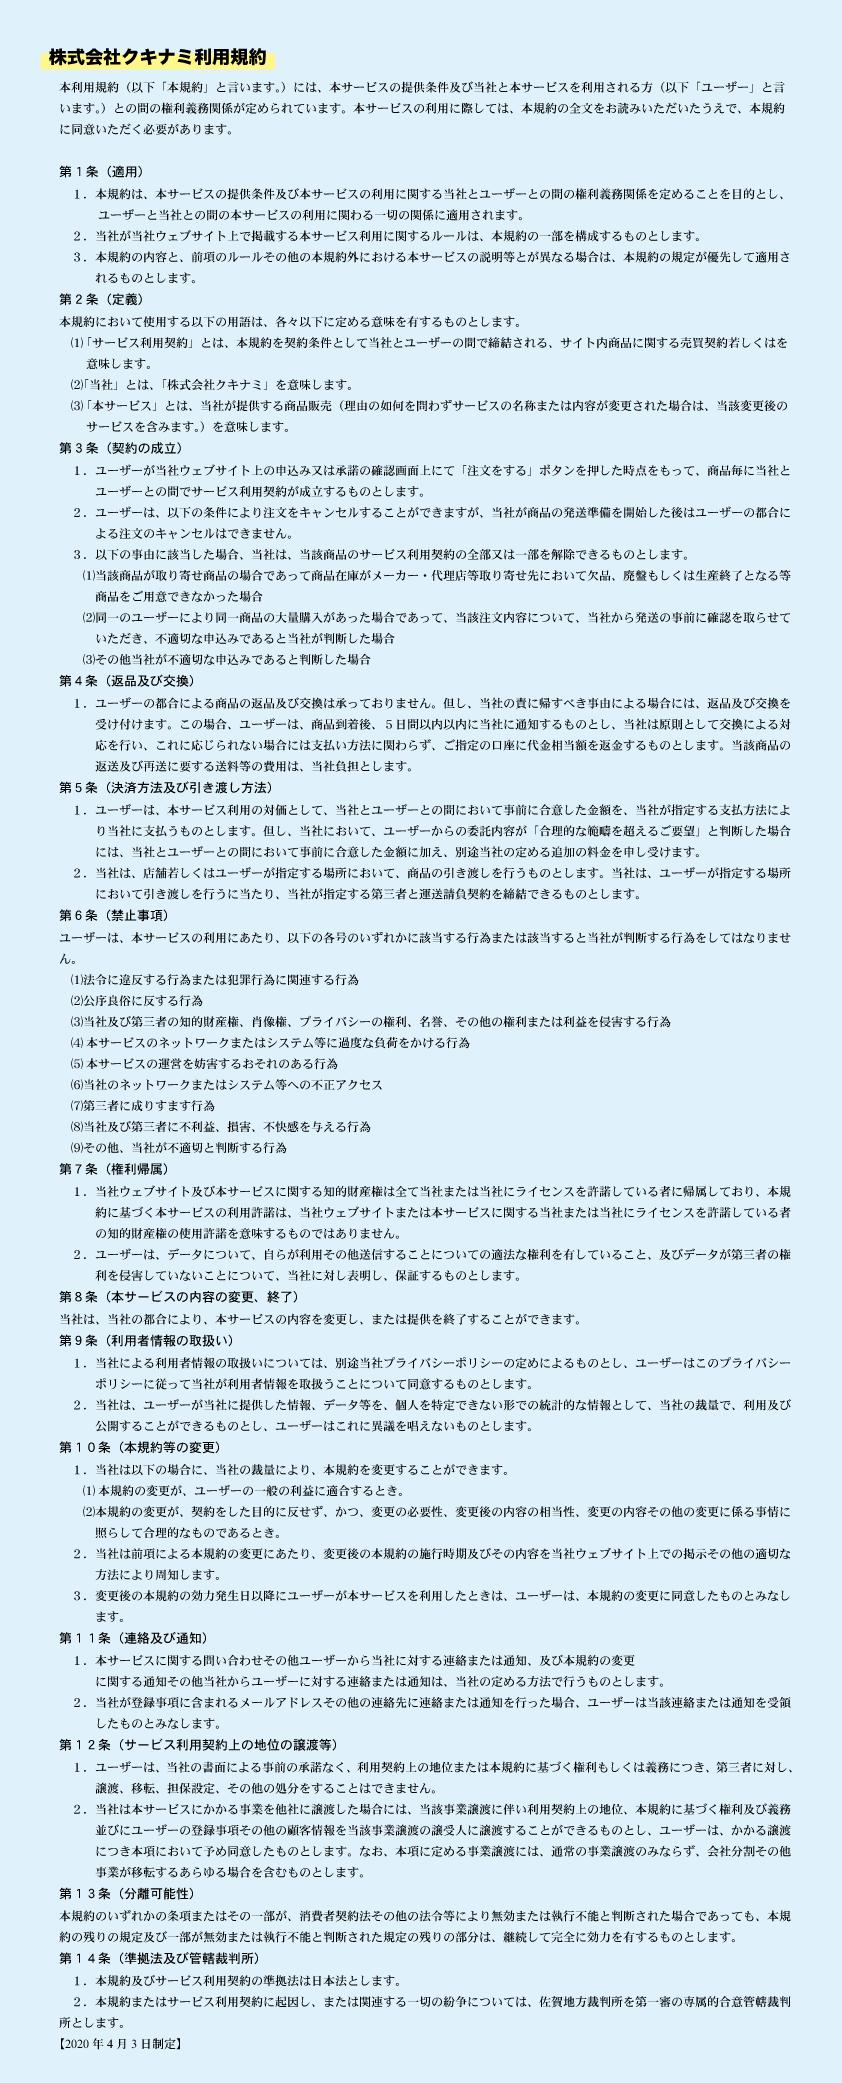 クキナミ-利用規約.png